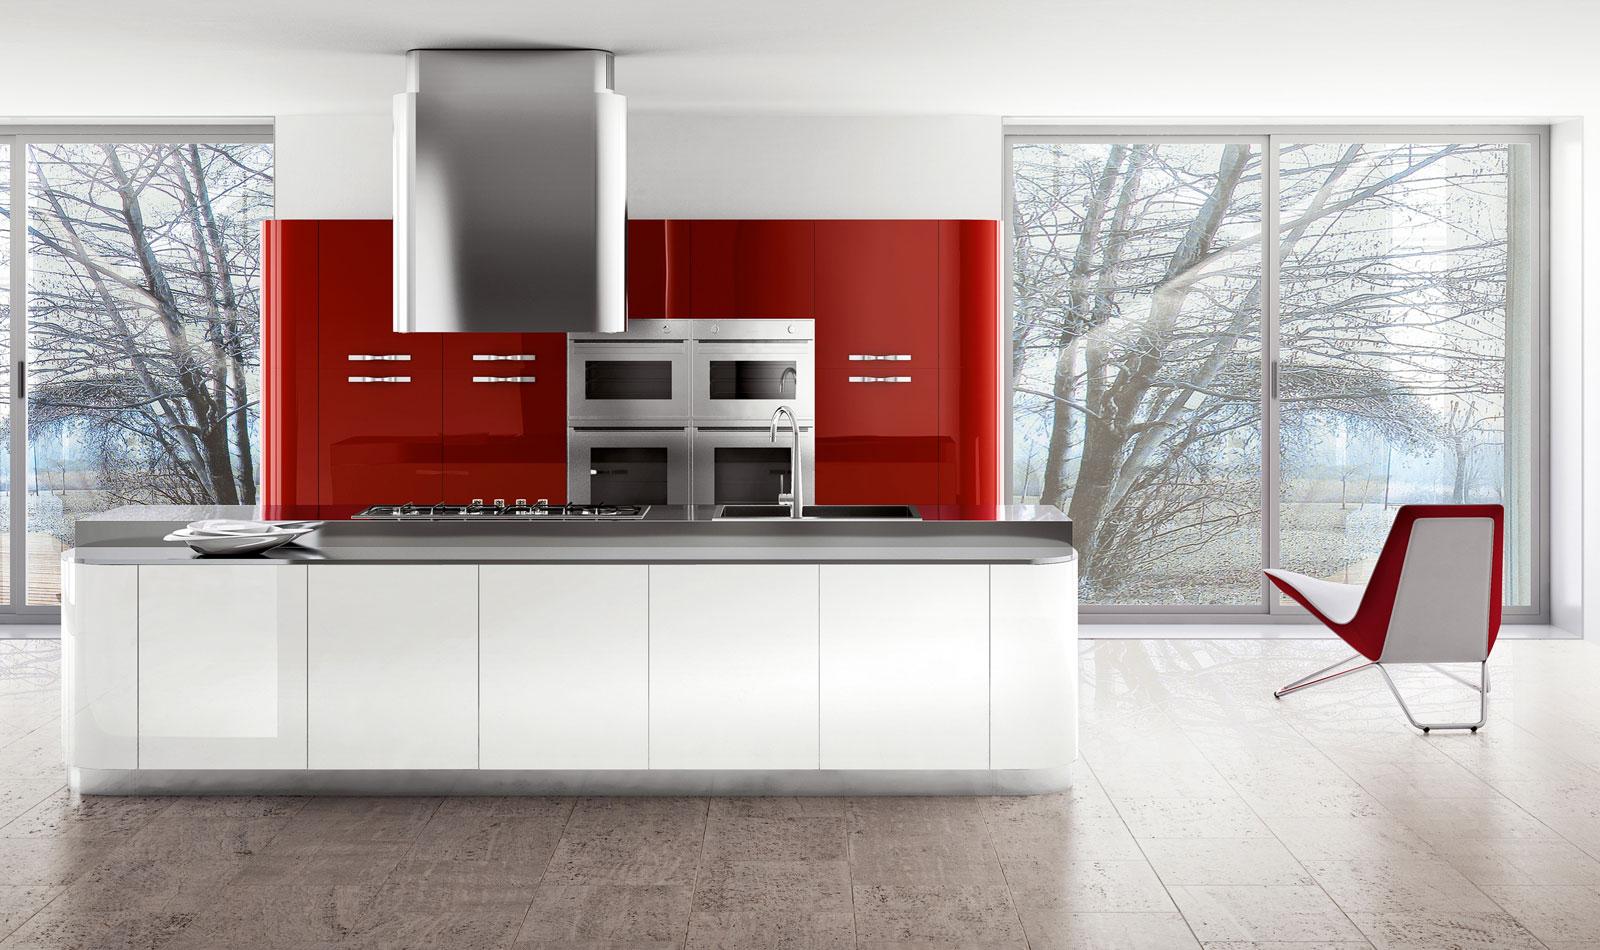 Ingrosso mobili vendita di cucine camere salotti for Cucine e salotti